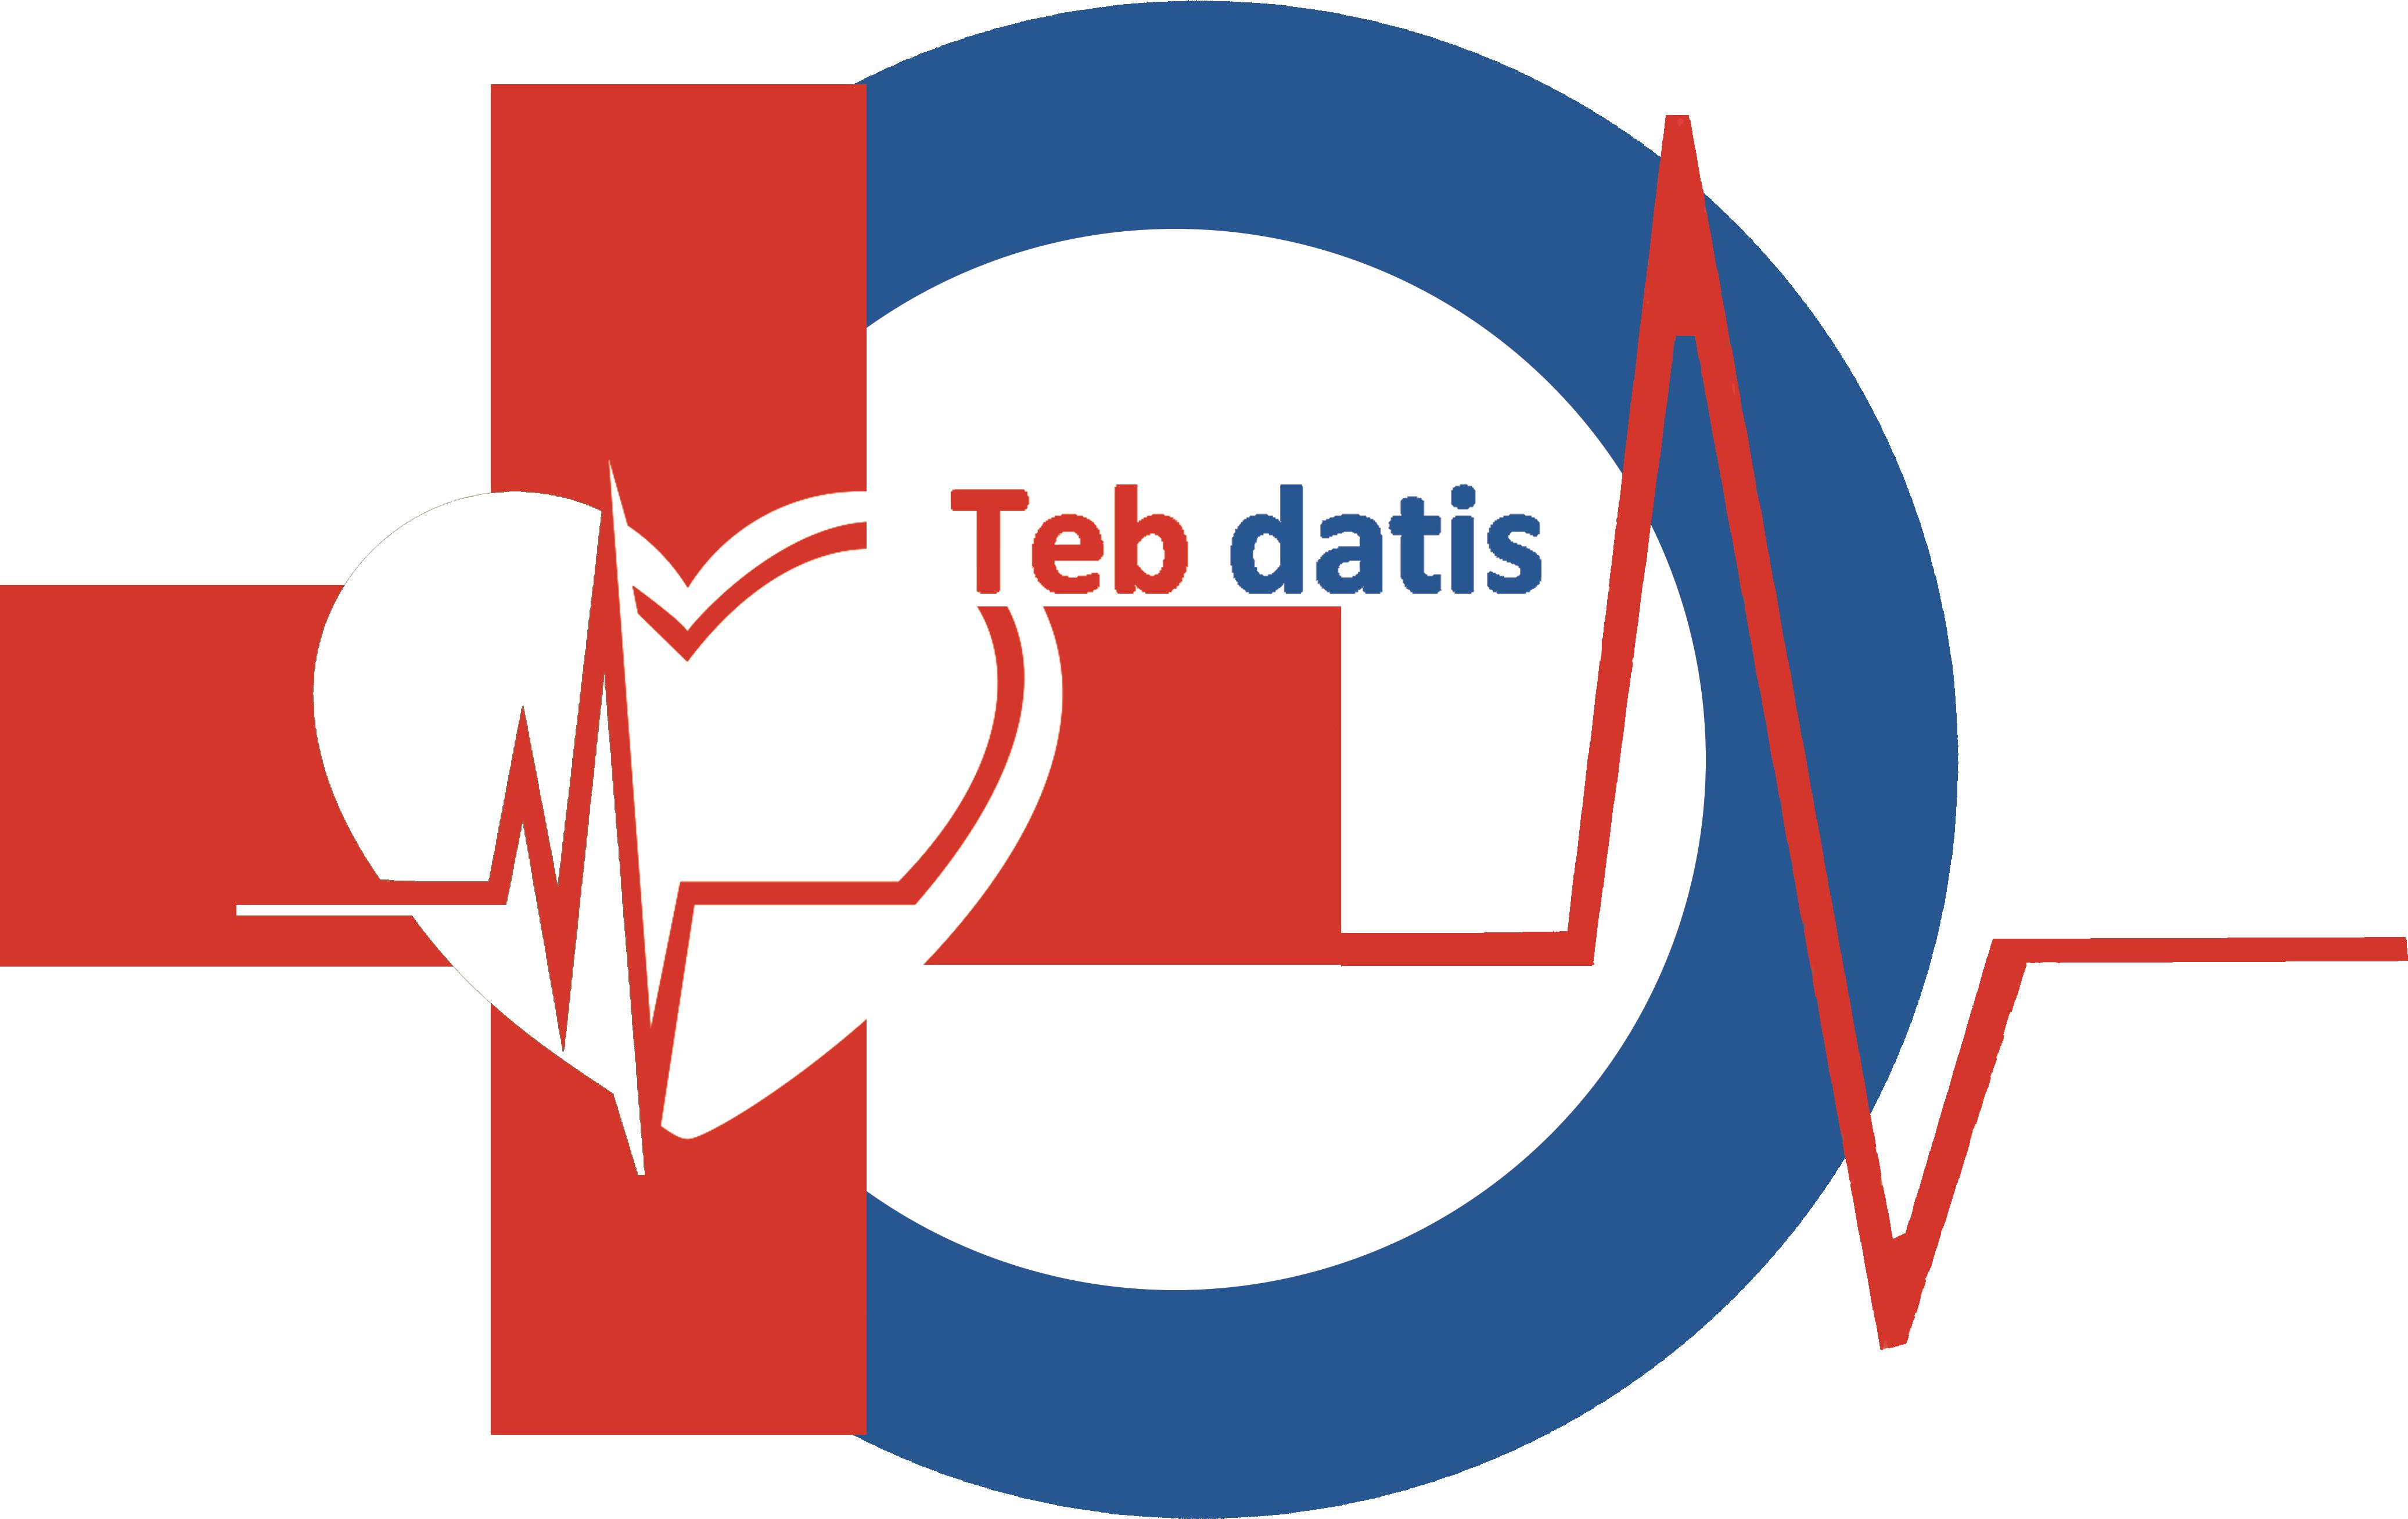 طب داتیس | فروش لوازم پزشکی|کلی و جزئی